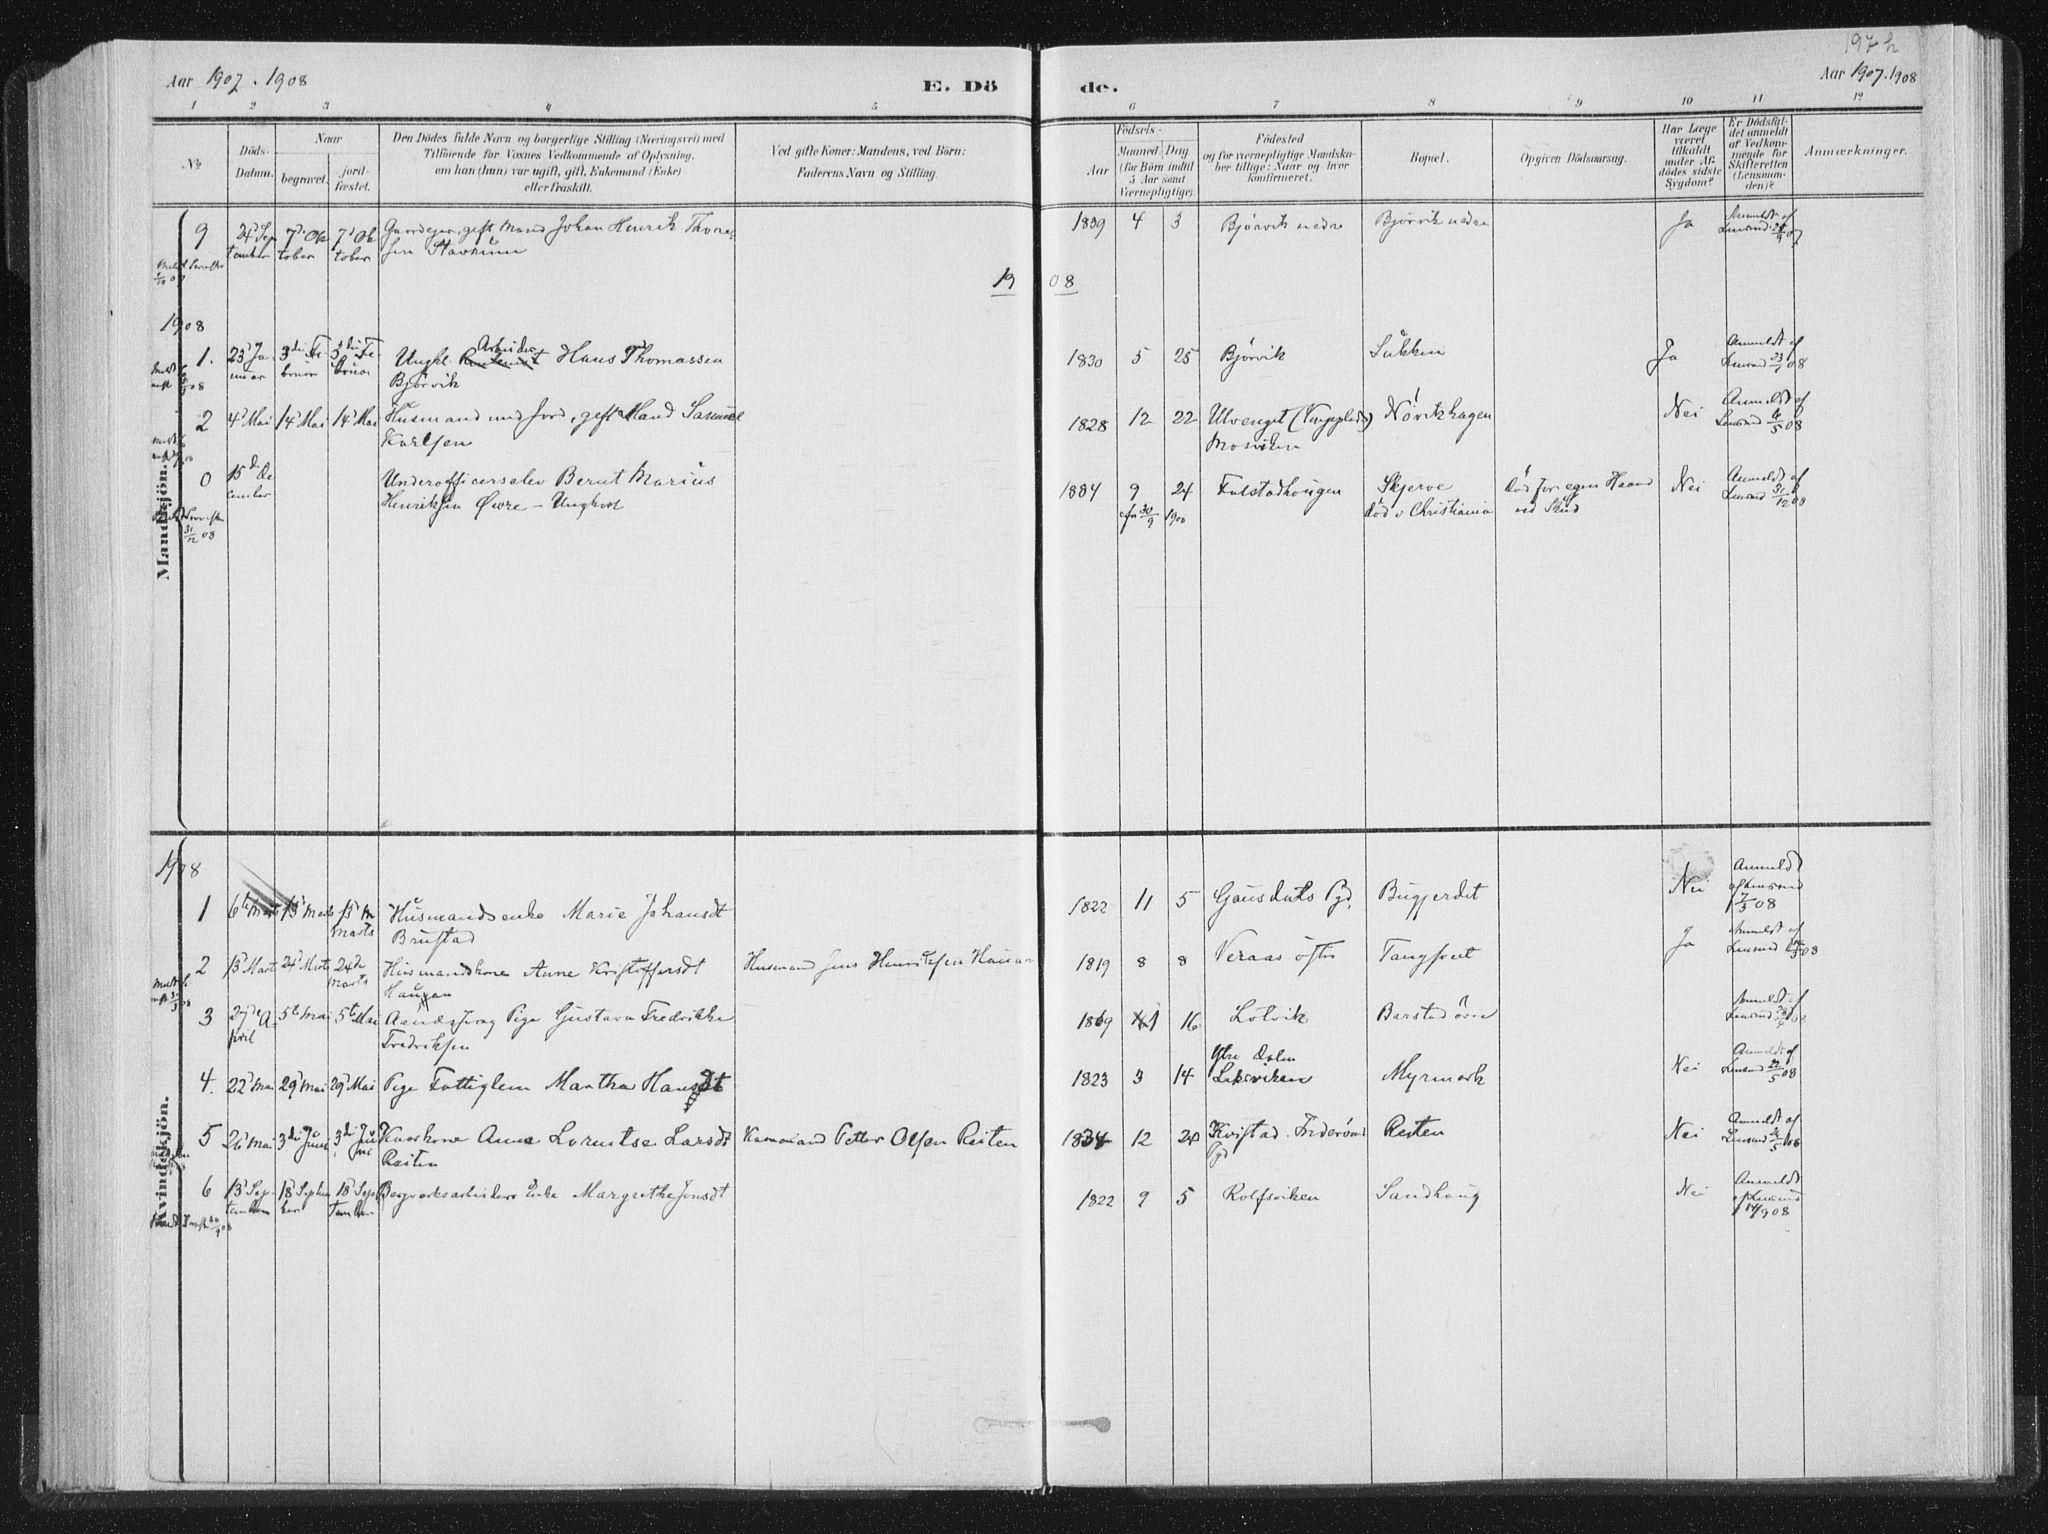 SAT, Ministerialprotokoller, klokkerbøker og fødselsregistre - Nord-Trøndelag, 722/L0220: Ministerialbok nr. 722A07, 1881-1908, s. 197h